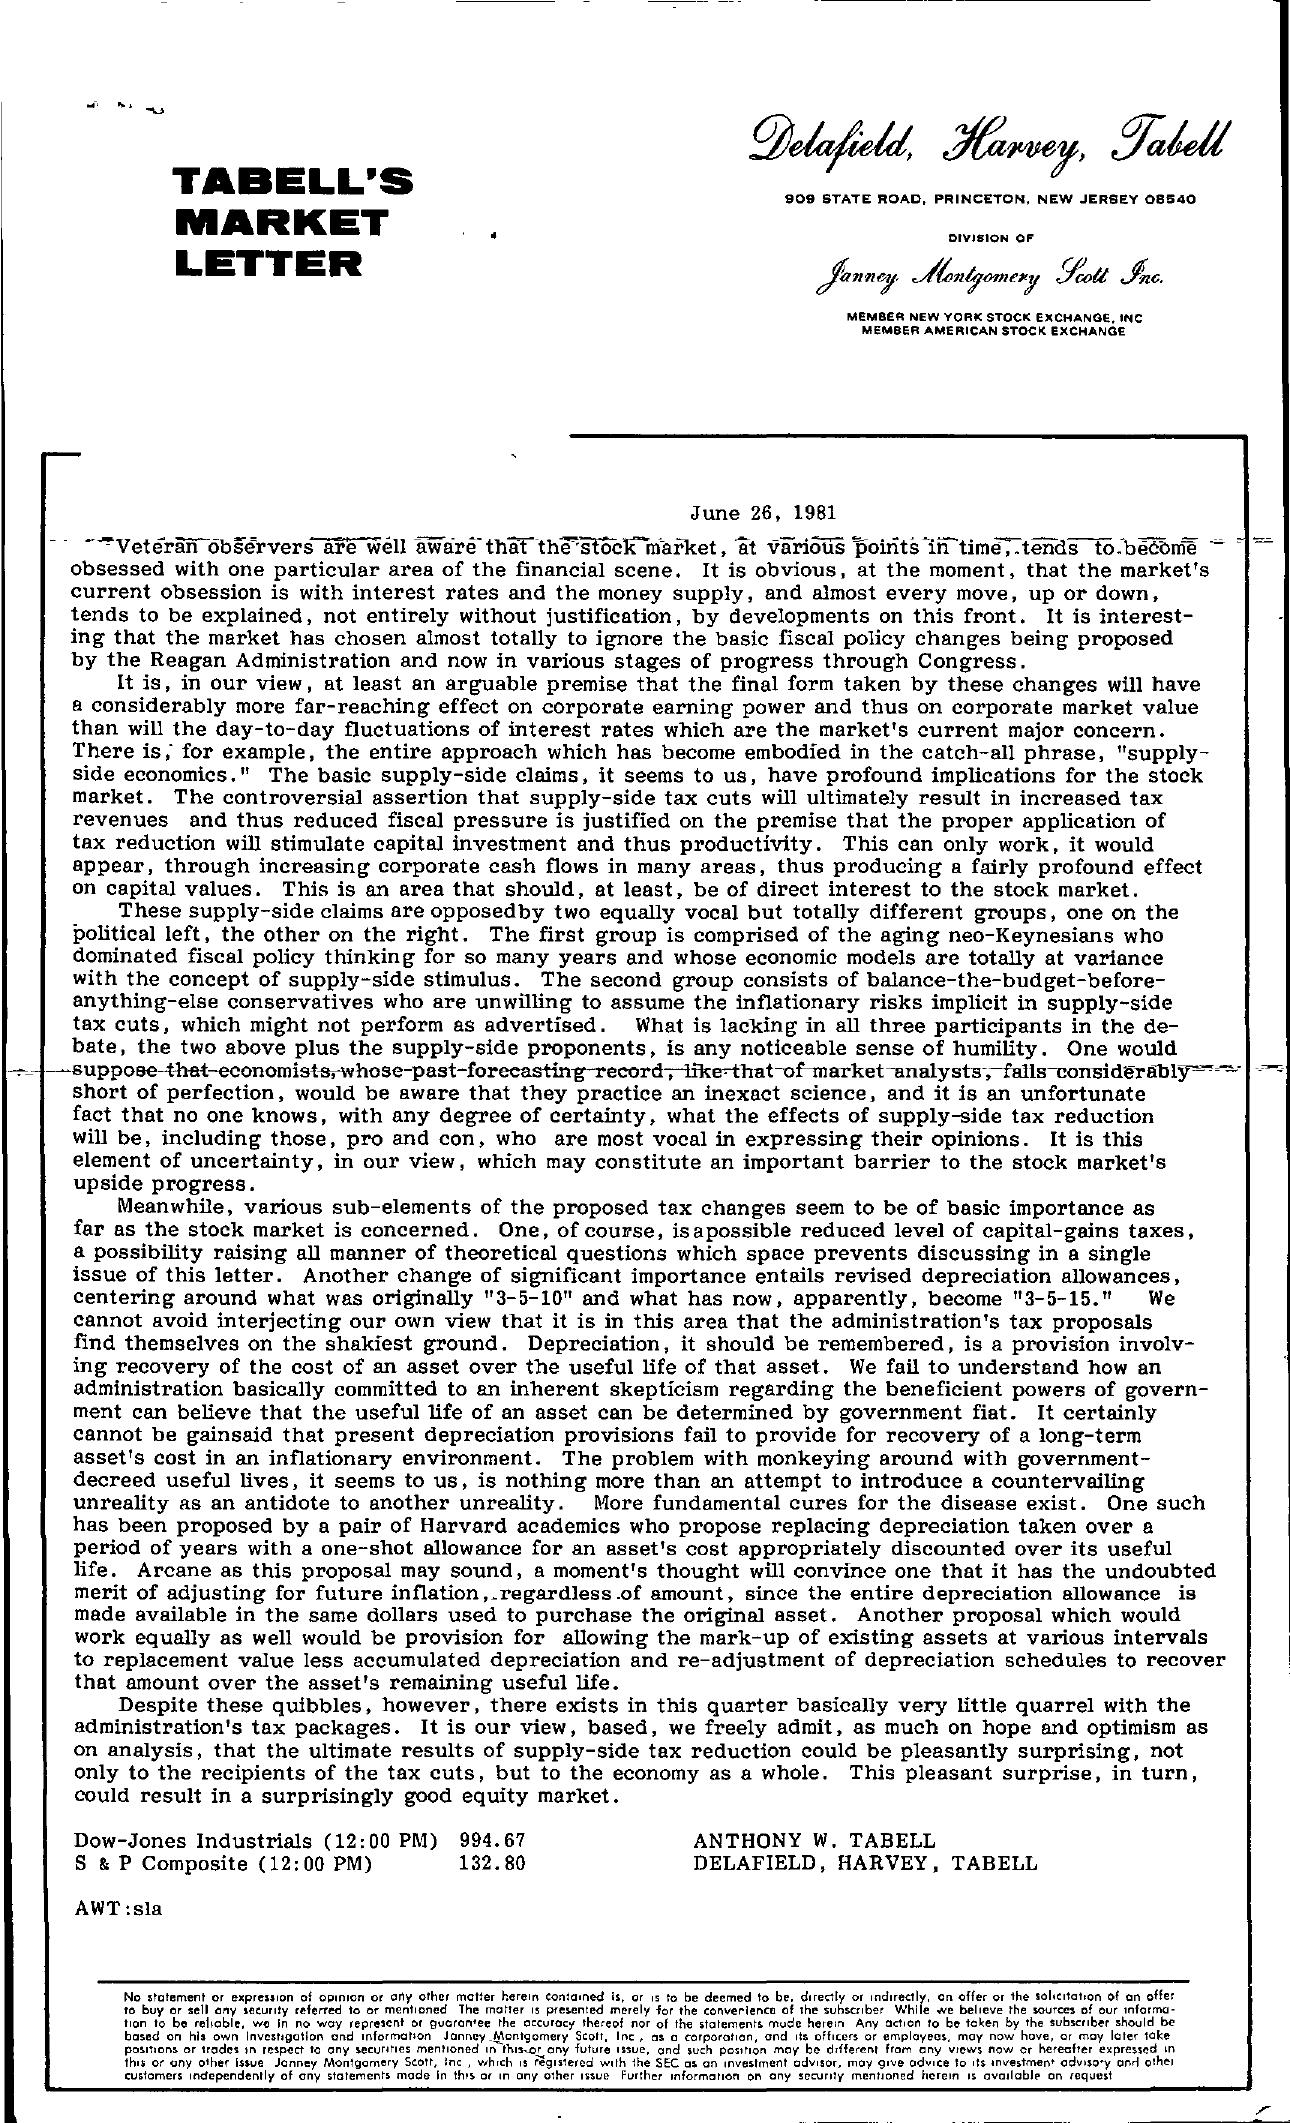 Tabell's Market Letter - June 26, 1981